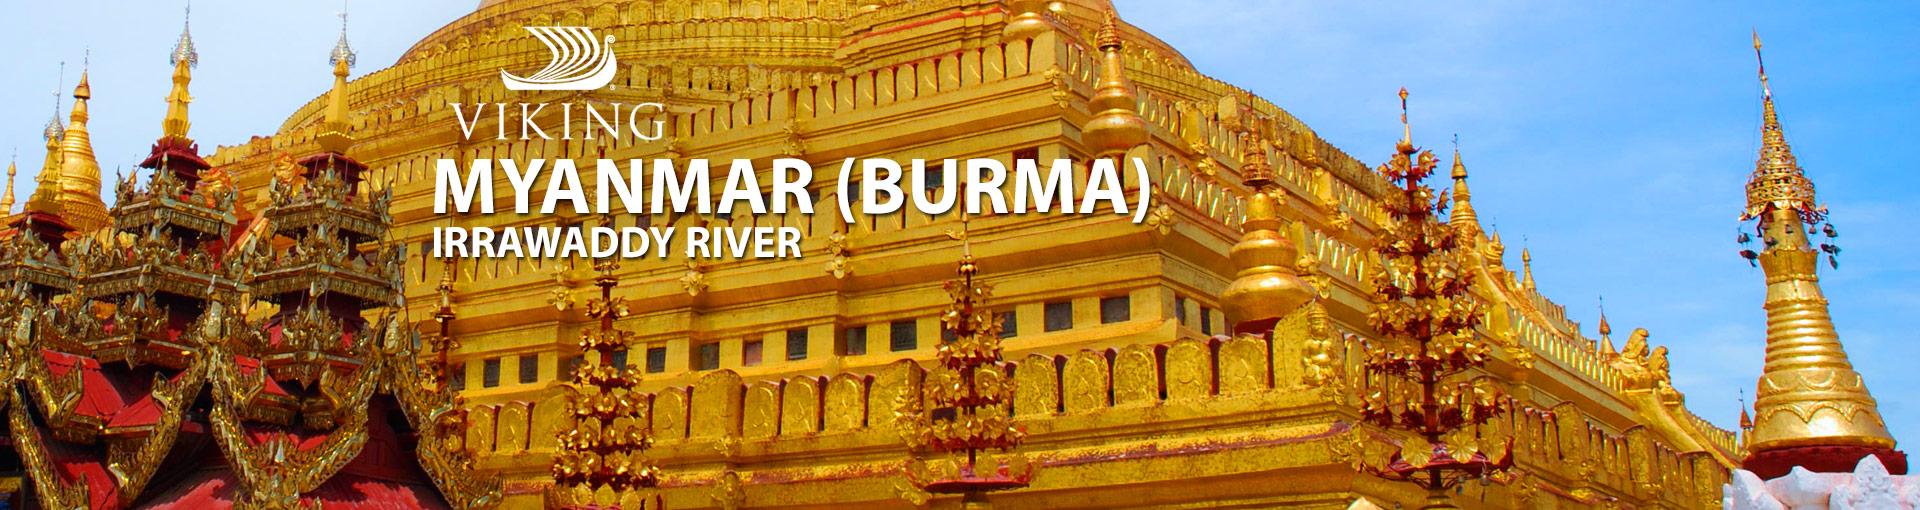 Viking River Cruises to Myanmar